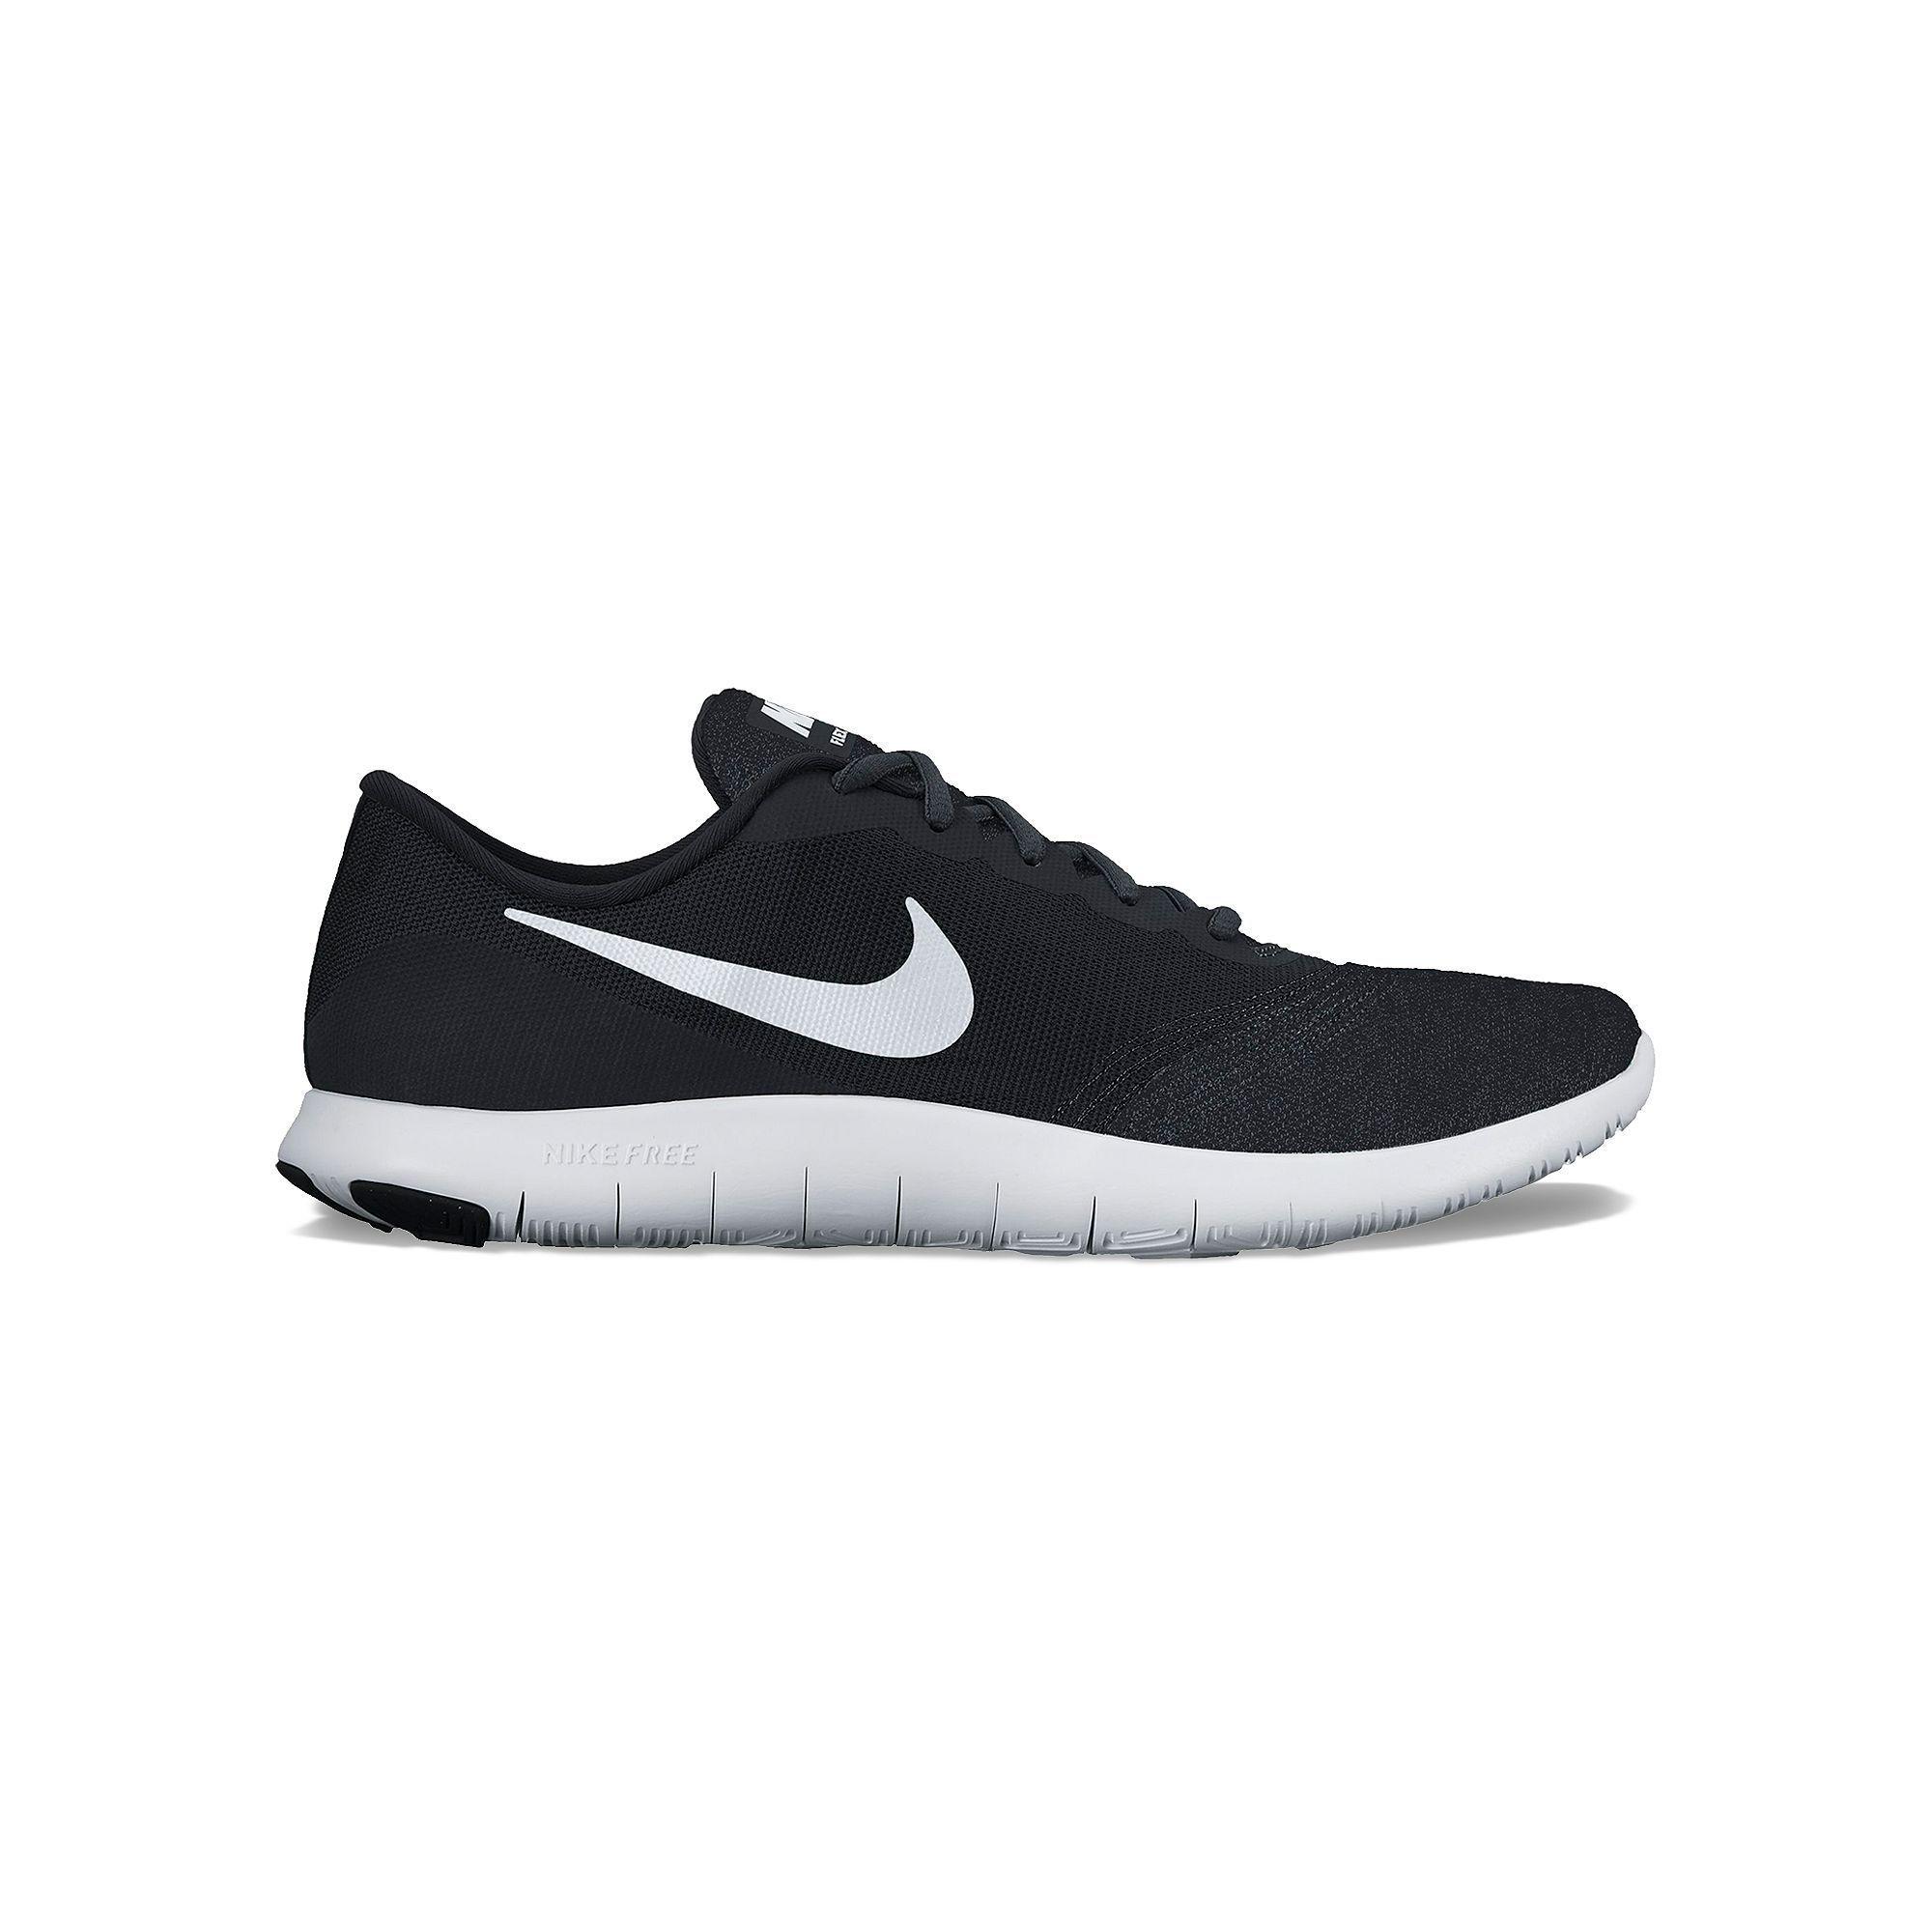 Nike Flex Contact Women s Running Shoes  c5dbf088ef